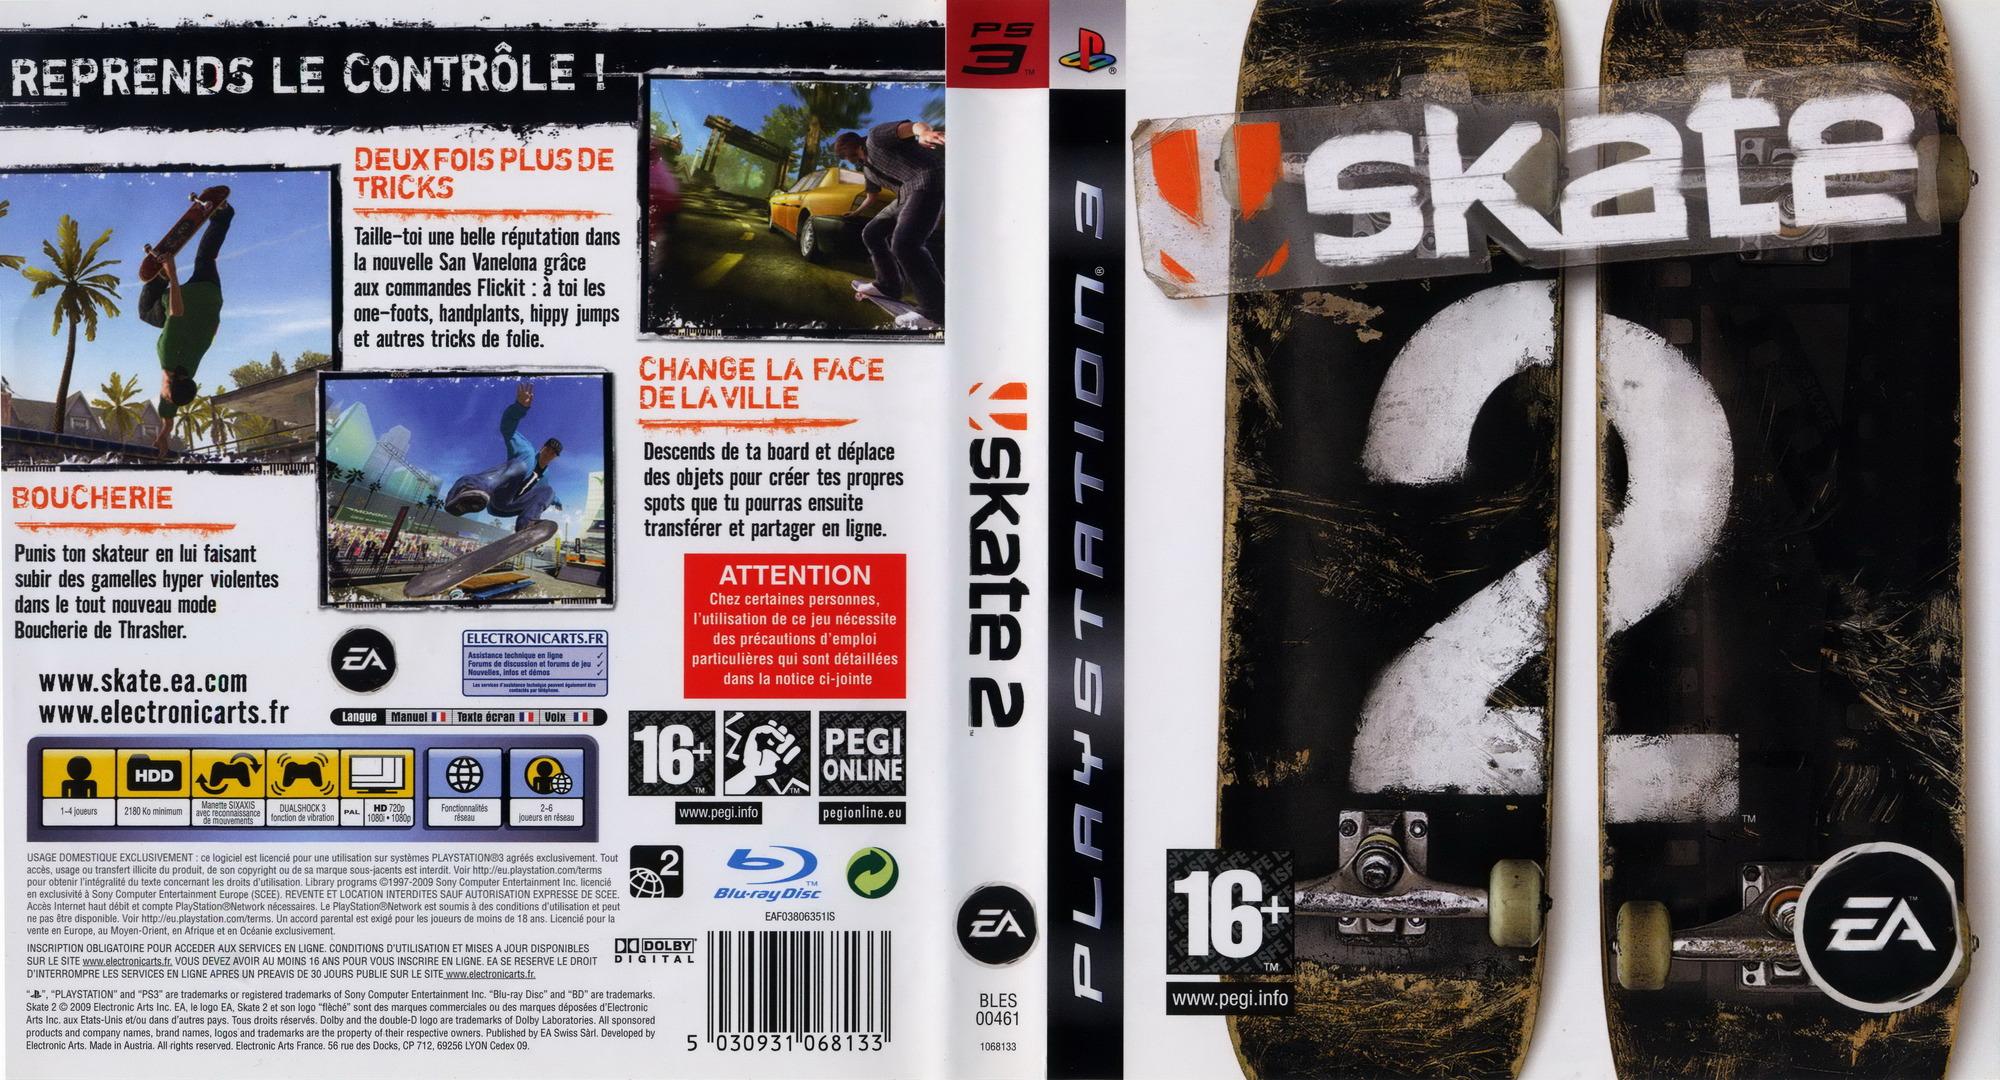 BLES00461 - Skate 2